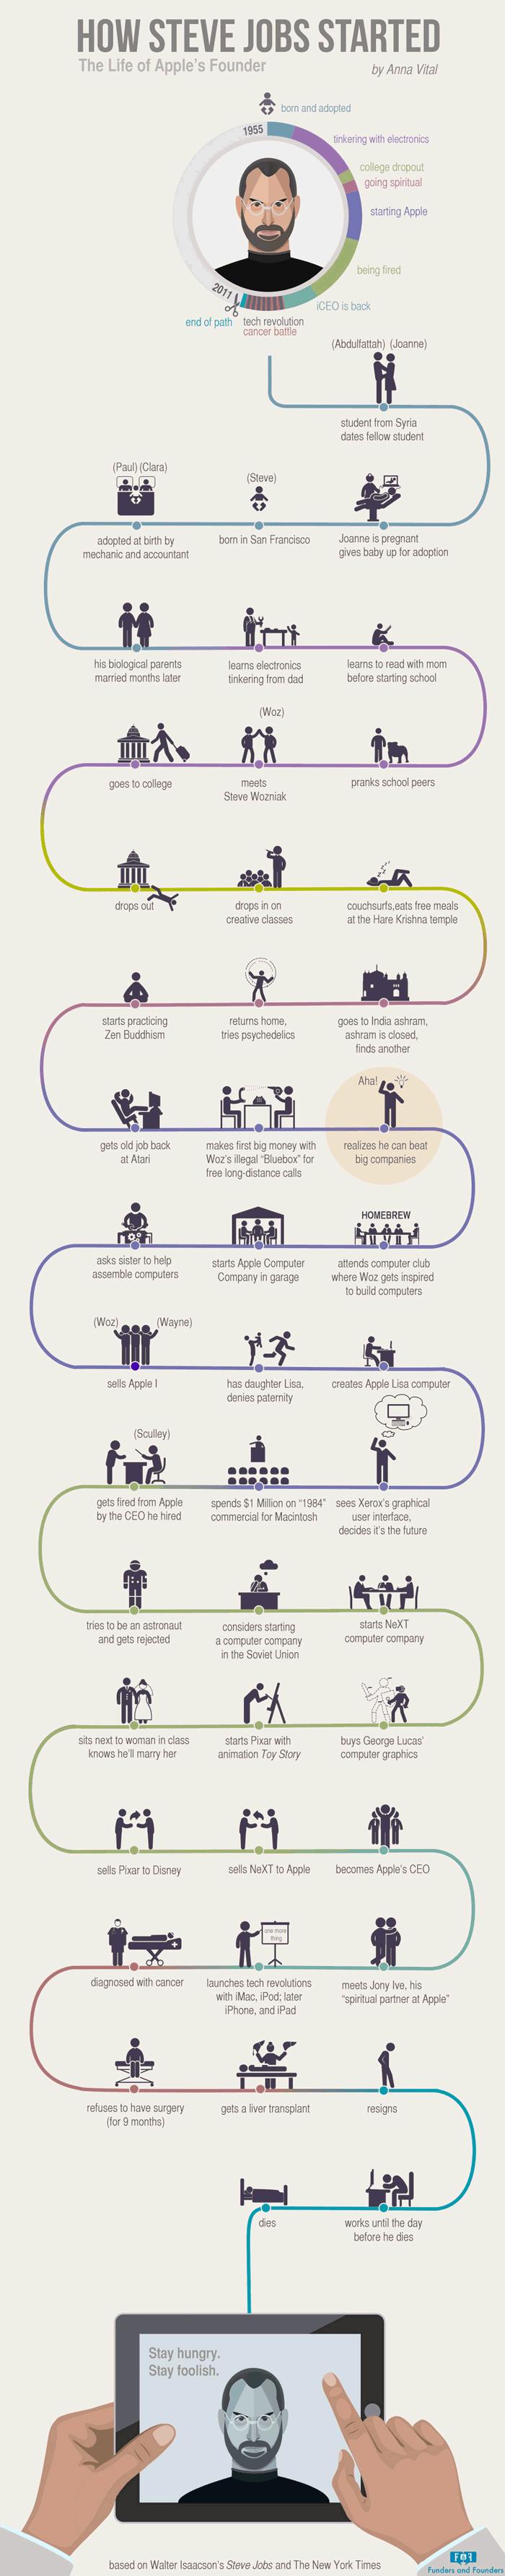 El camino al éxito de Steve Jobs